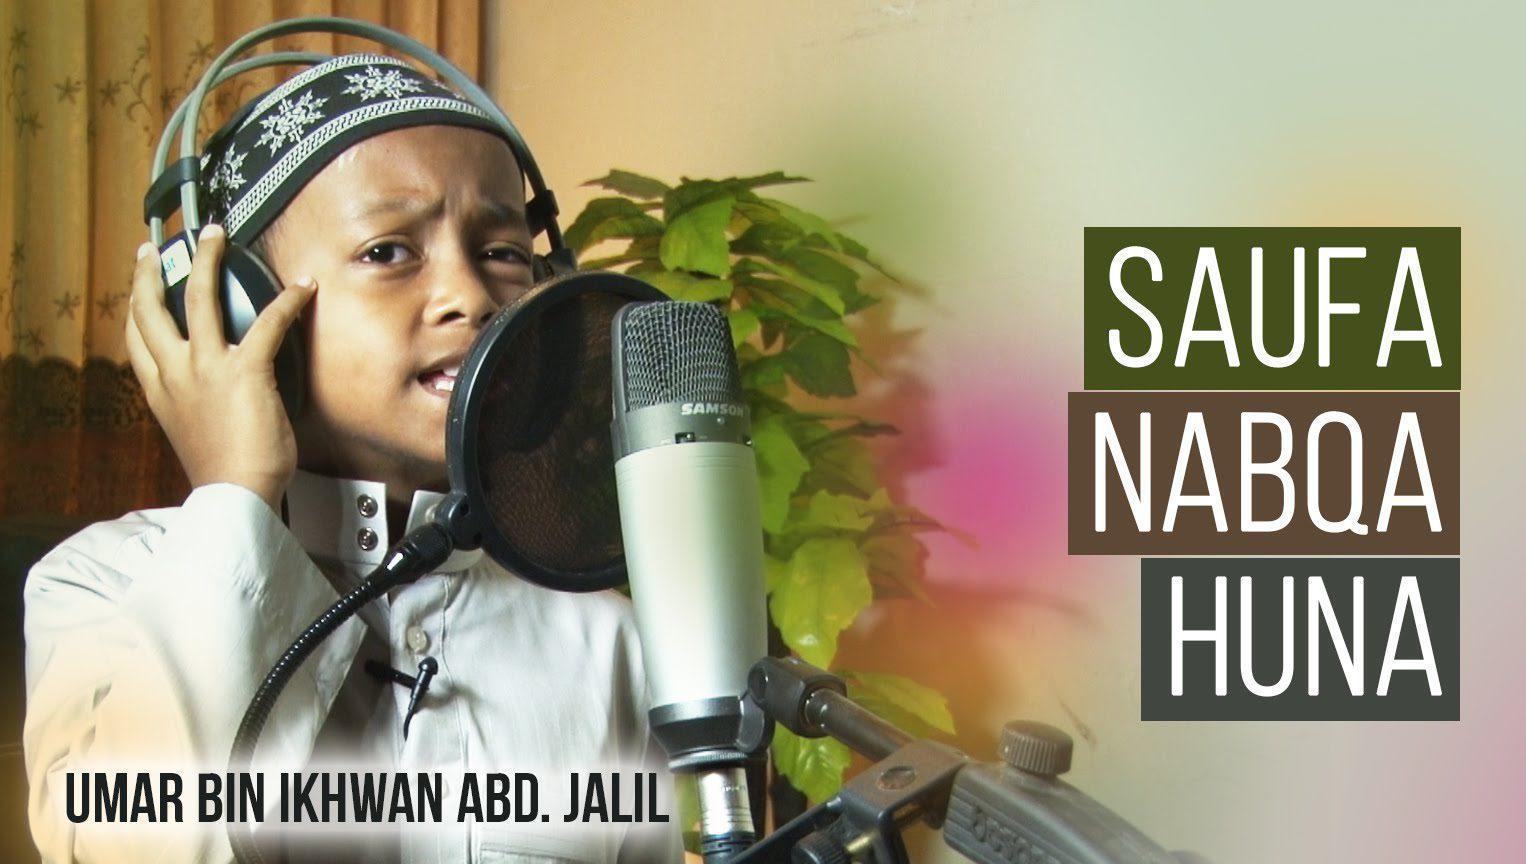 Nasyid Saufa Nabqa Huna